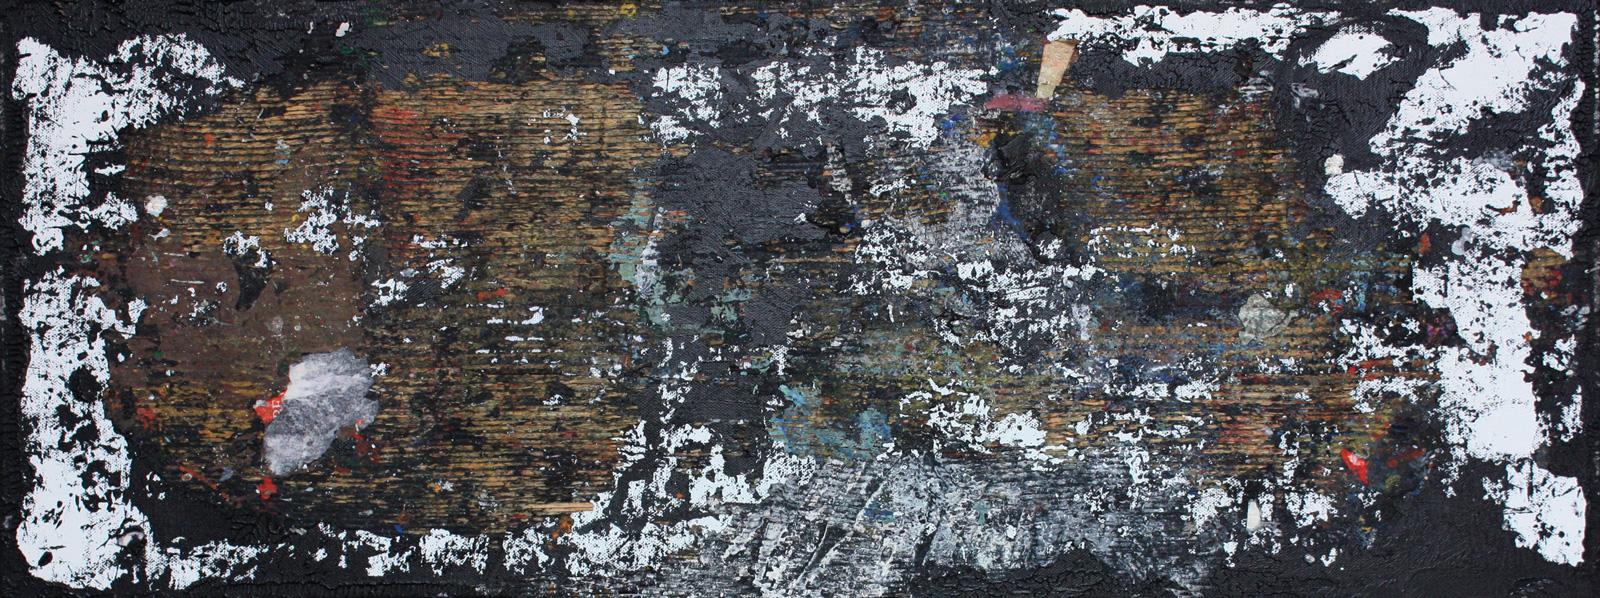 Abstrakt 9 | Acryl, Mixed Media | 80 x 30 cm